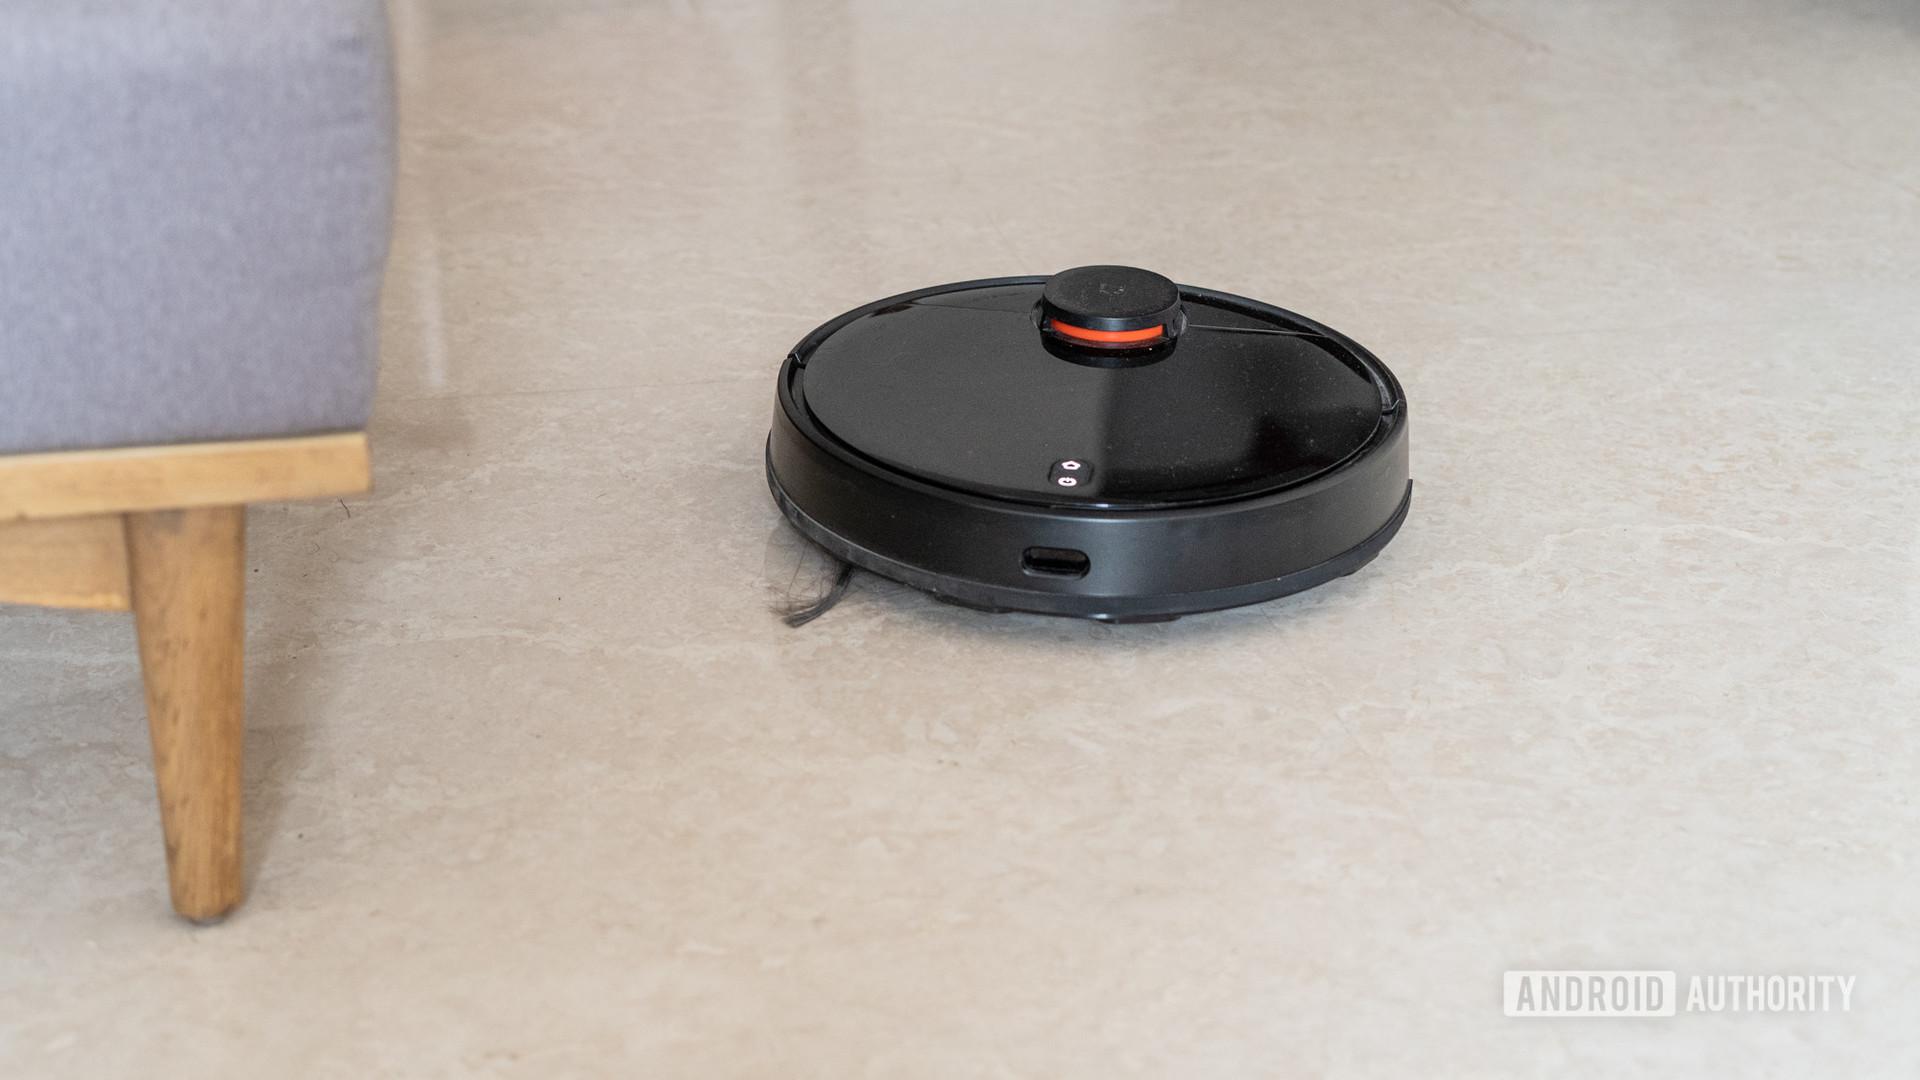 Mi Robot Vacuum Mop P in action